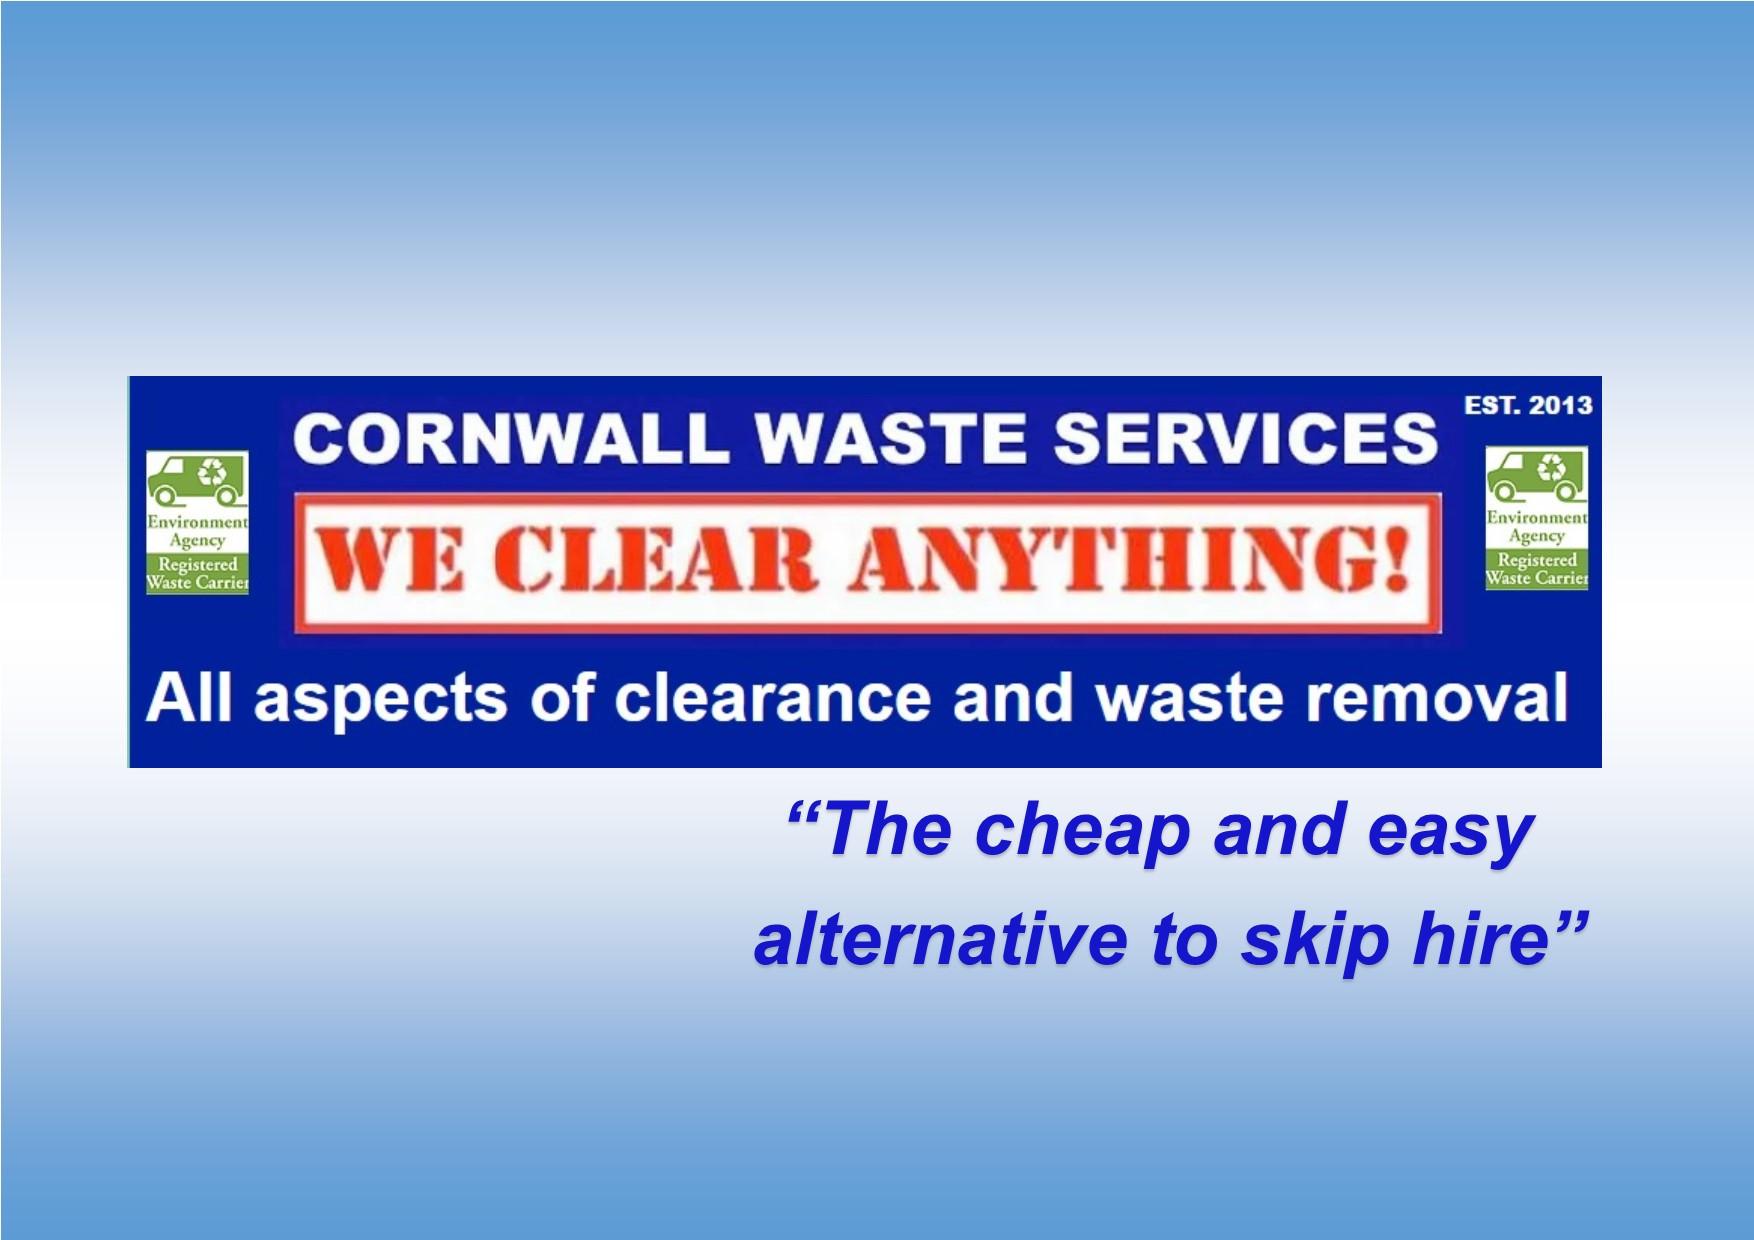 Cornwall Waste Services Testomonials